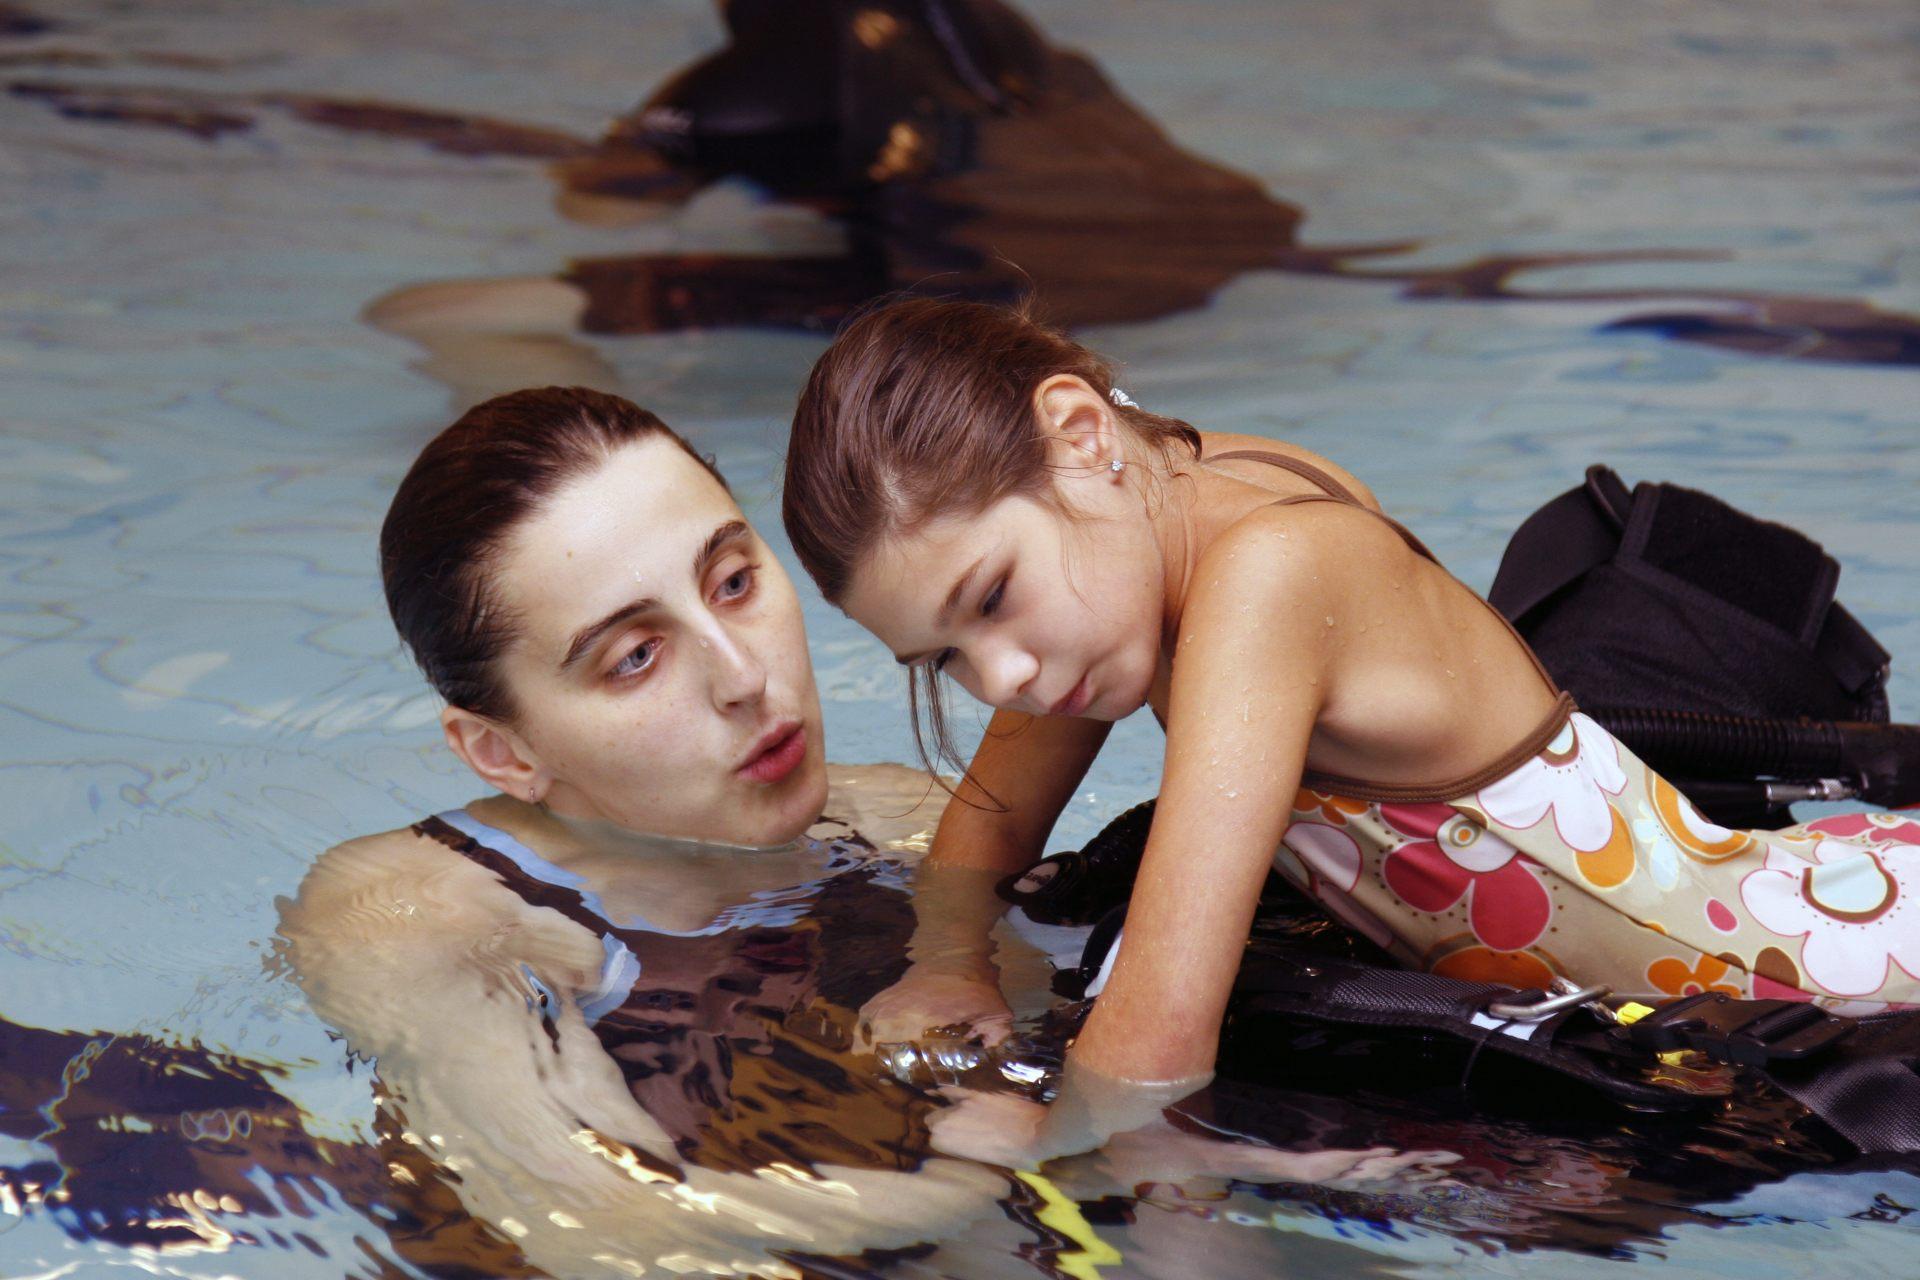 Blind meisje krijgt zwemles